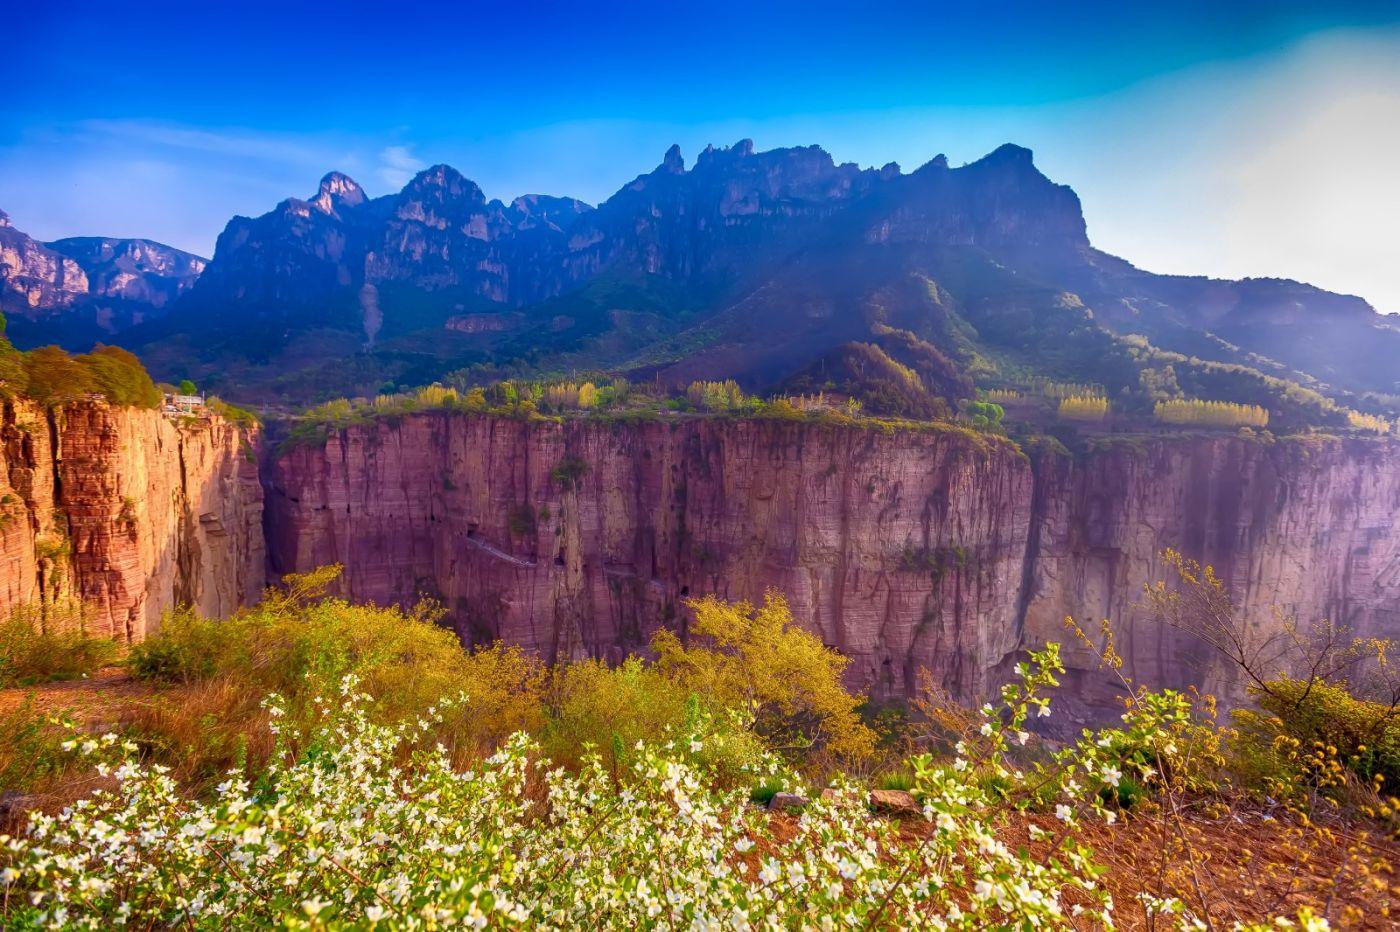 崖壁上的古村落 郭亮村 绝处也有风景_图1-19